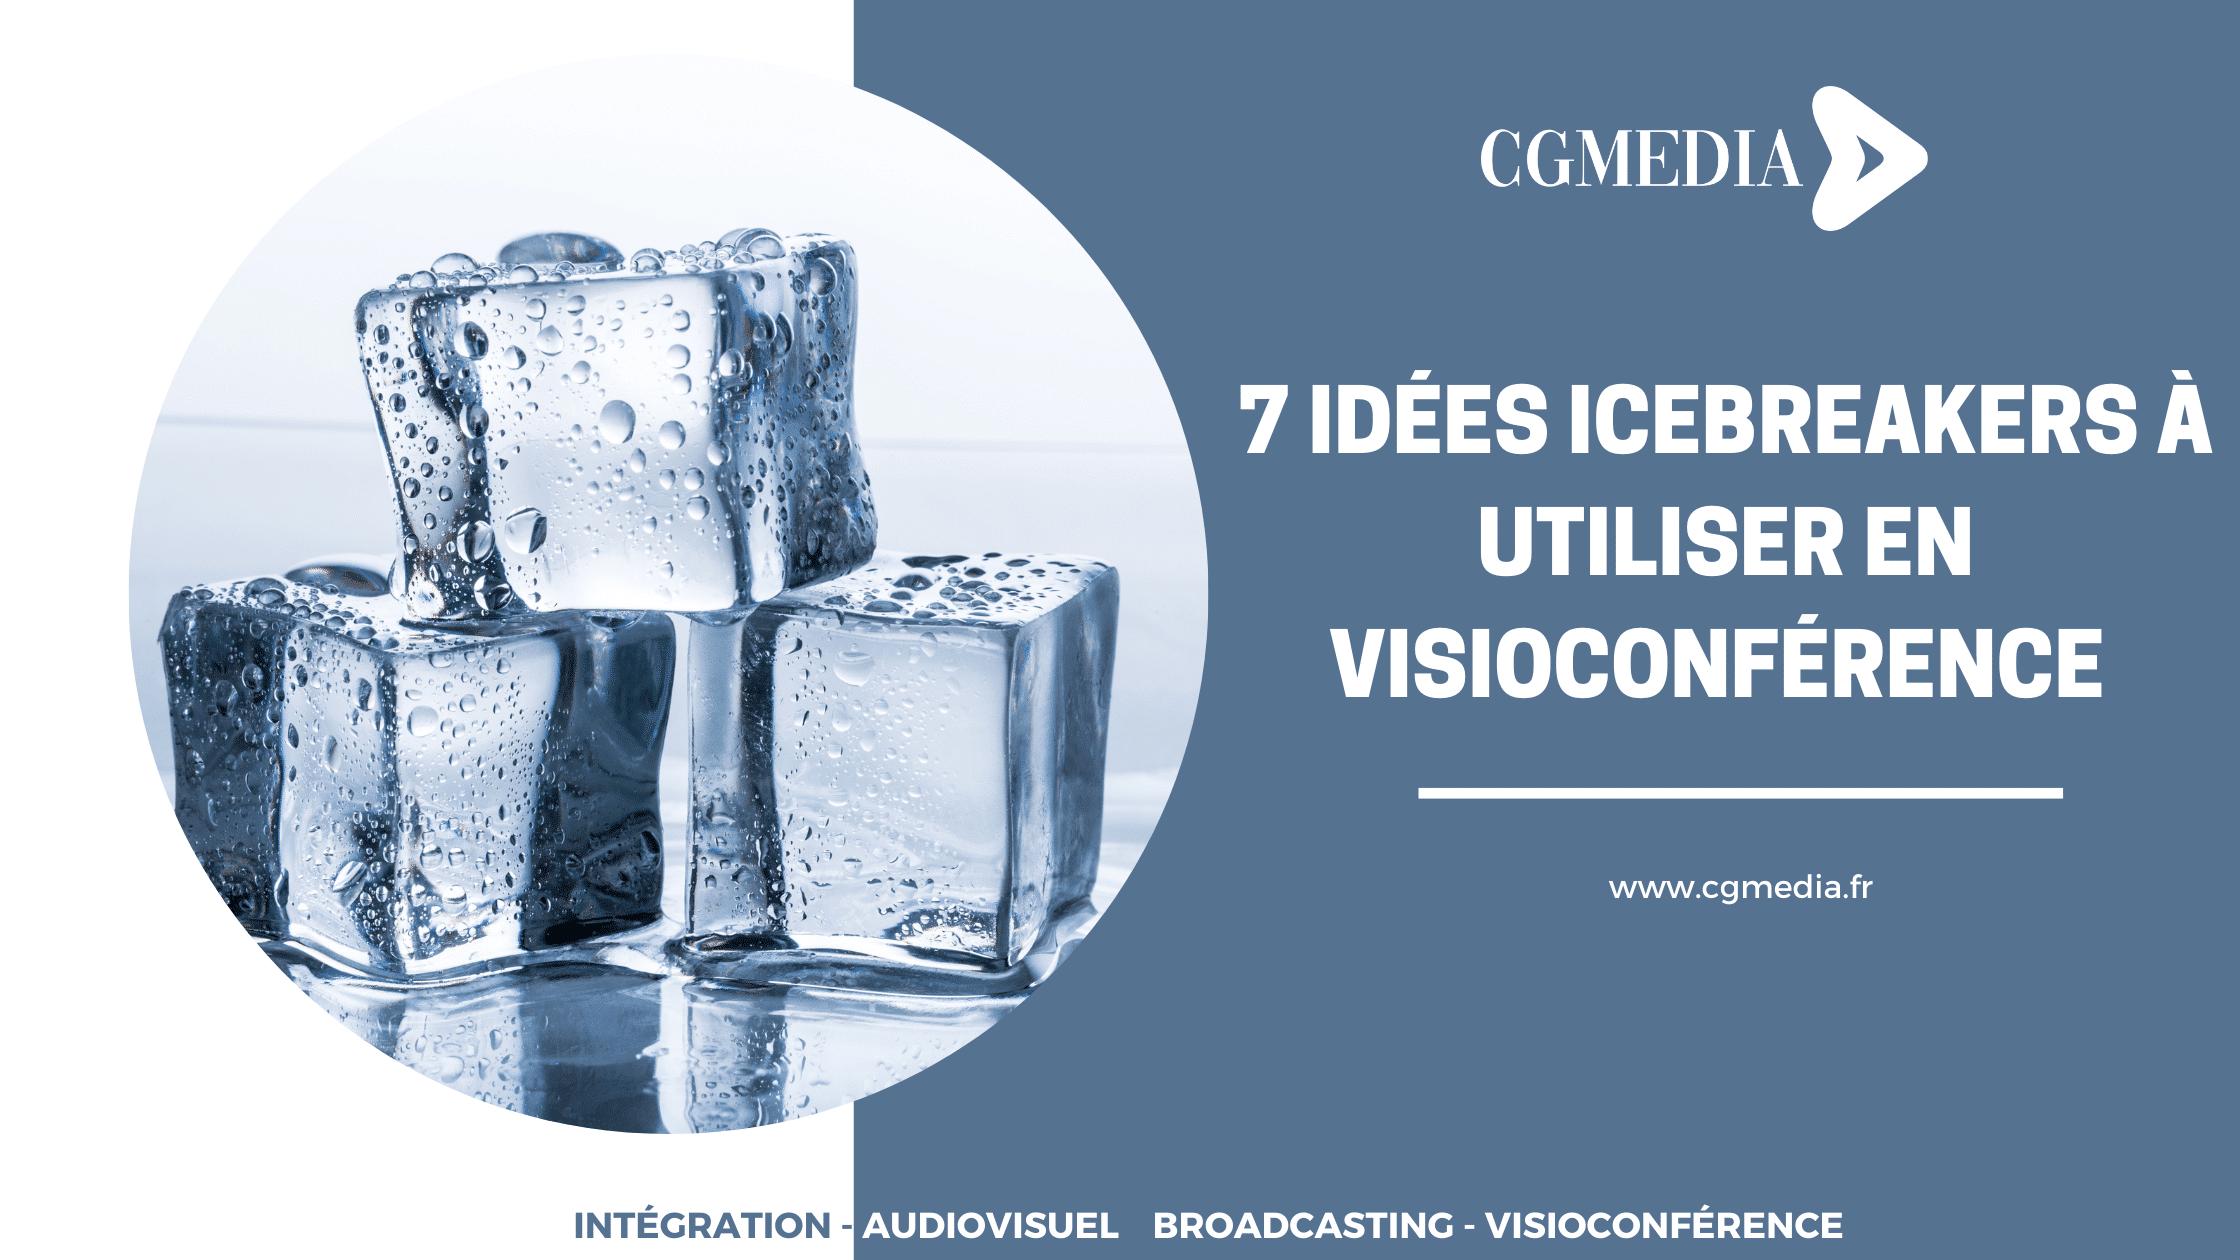 7 idées icebreakers à utiliser en visioconférence